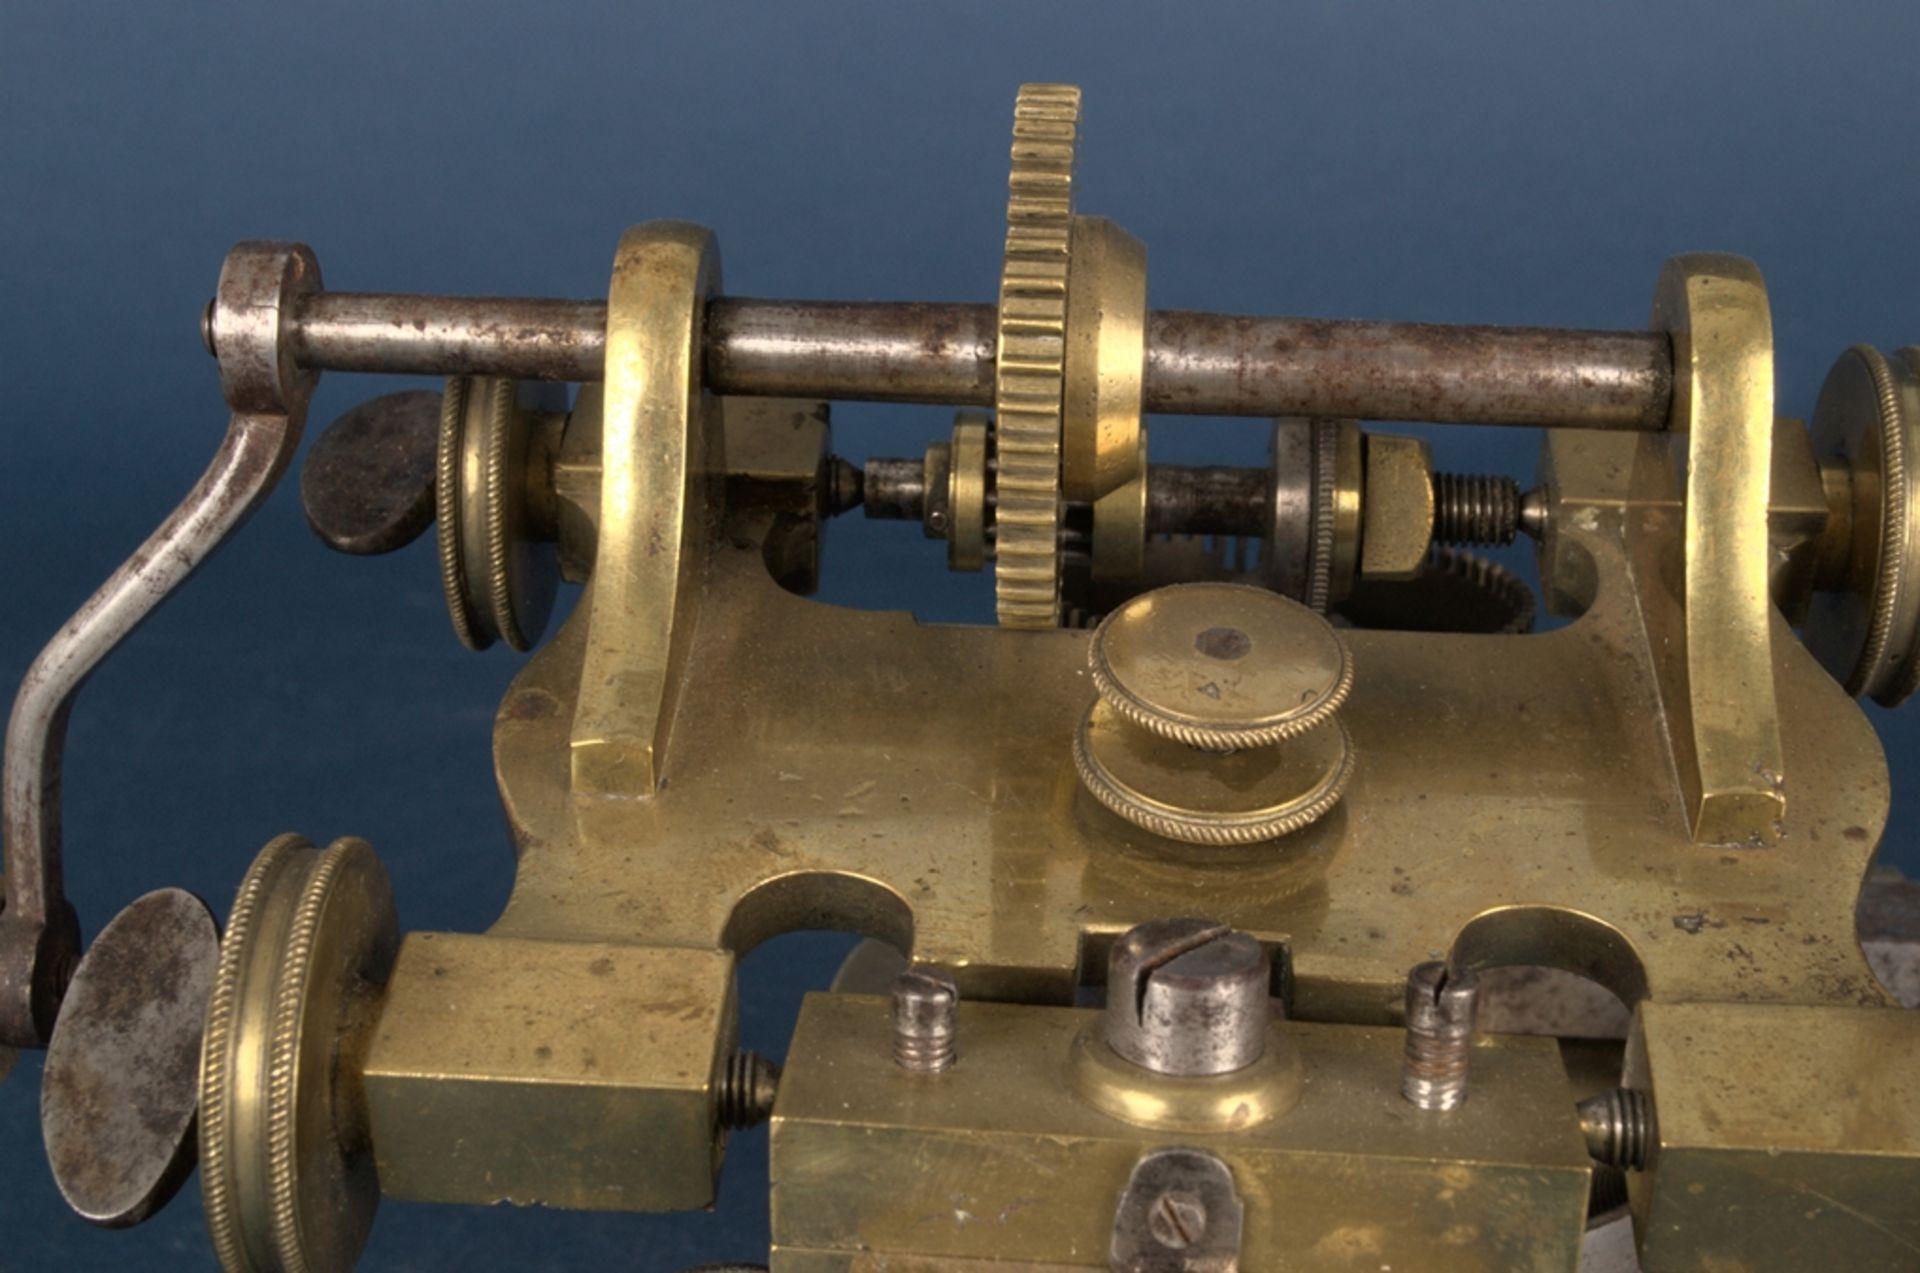 Zahnradfräsmaschine/Zahnräderschneidemaschine, frühes Uhrmacherwerkzeug, deutsch Mitte 18. Jhd., - Bild 6 aus 29